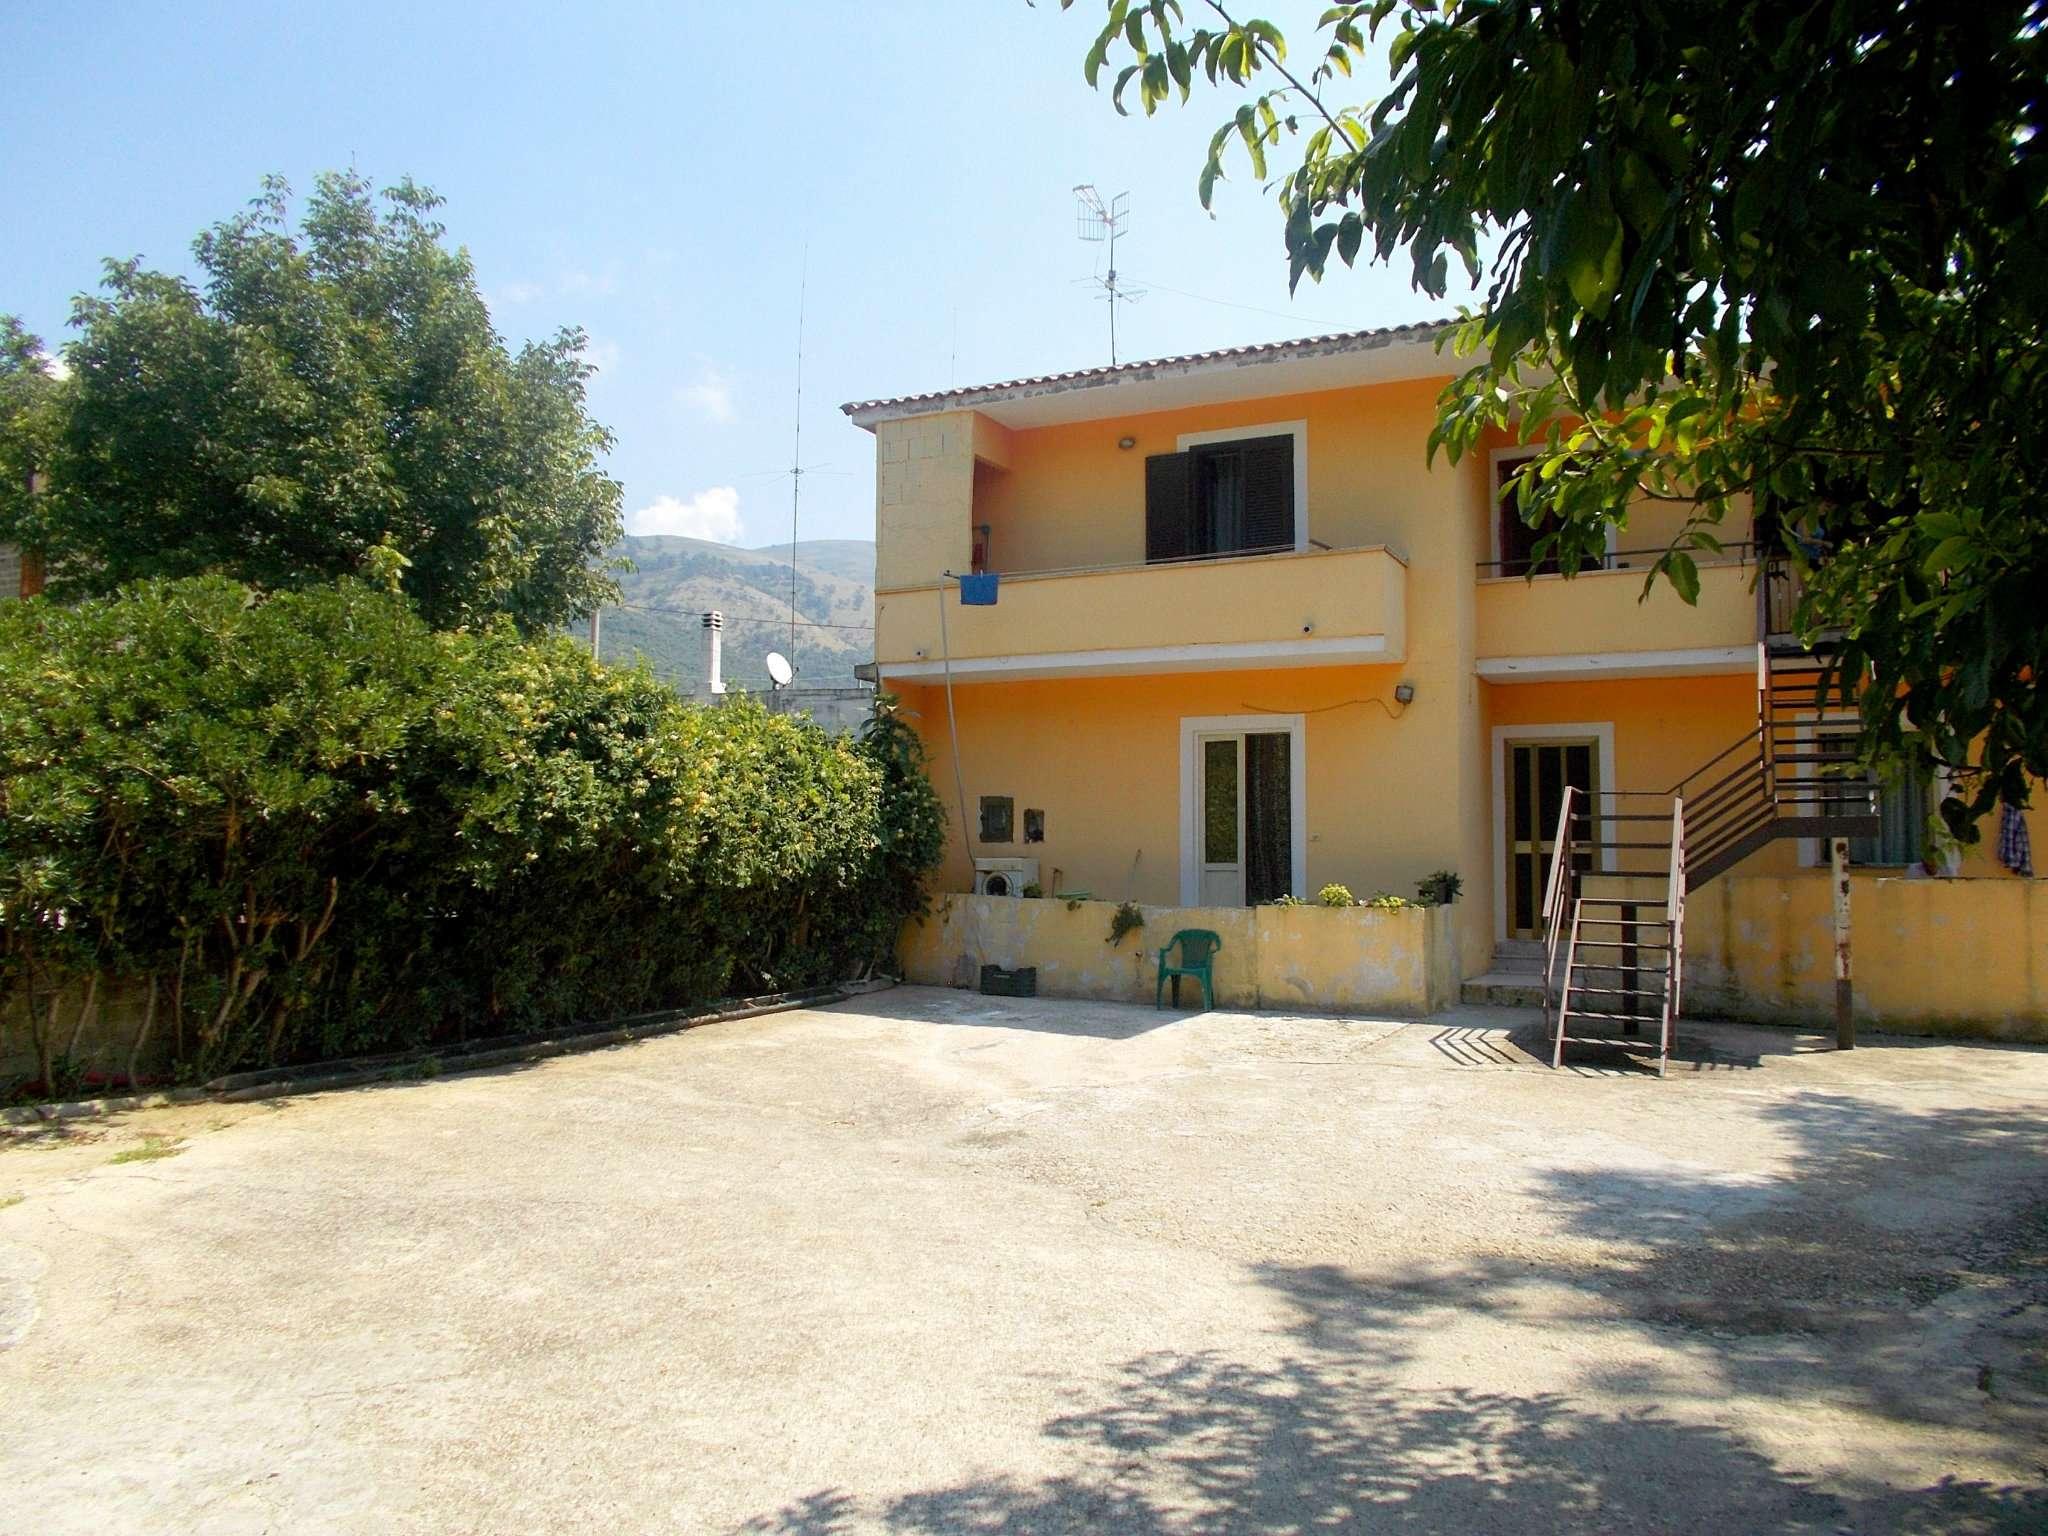 Soluzione Indipendente in vendita a Arienzo, 8 locali, prezzo € 120.000 | CambioCasa.it